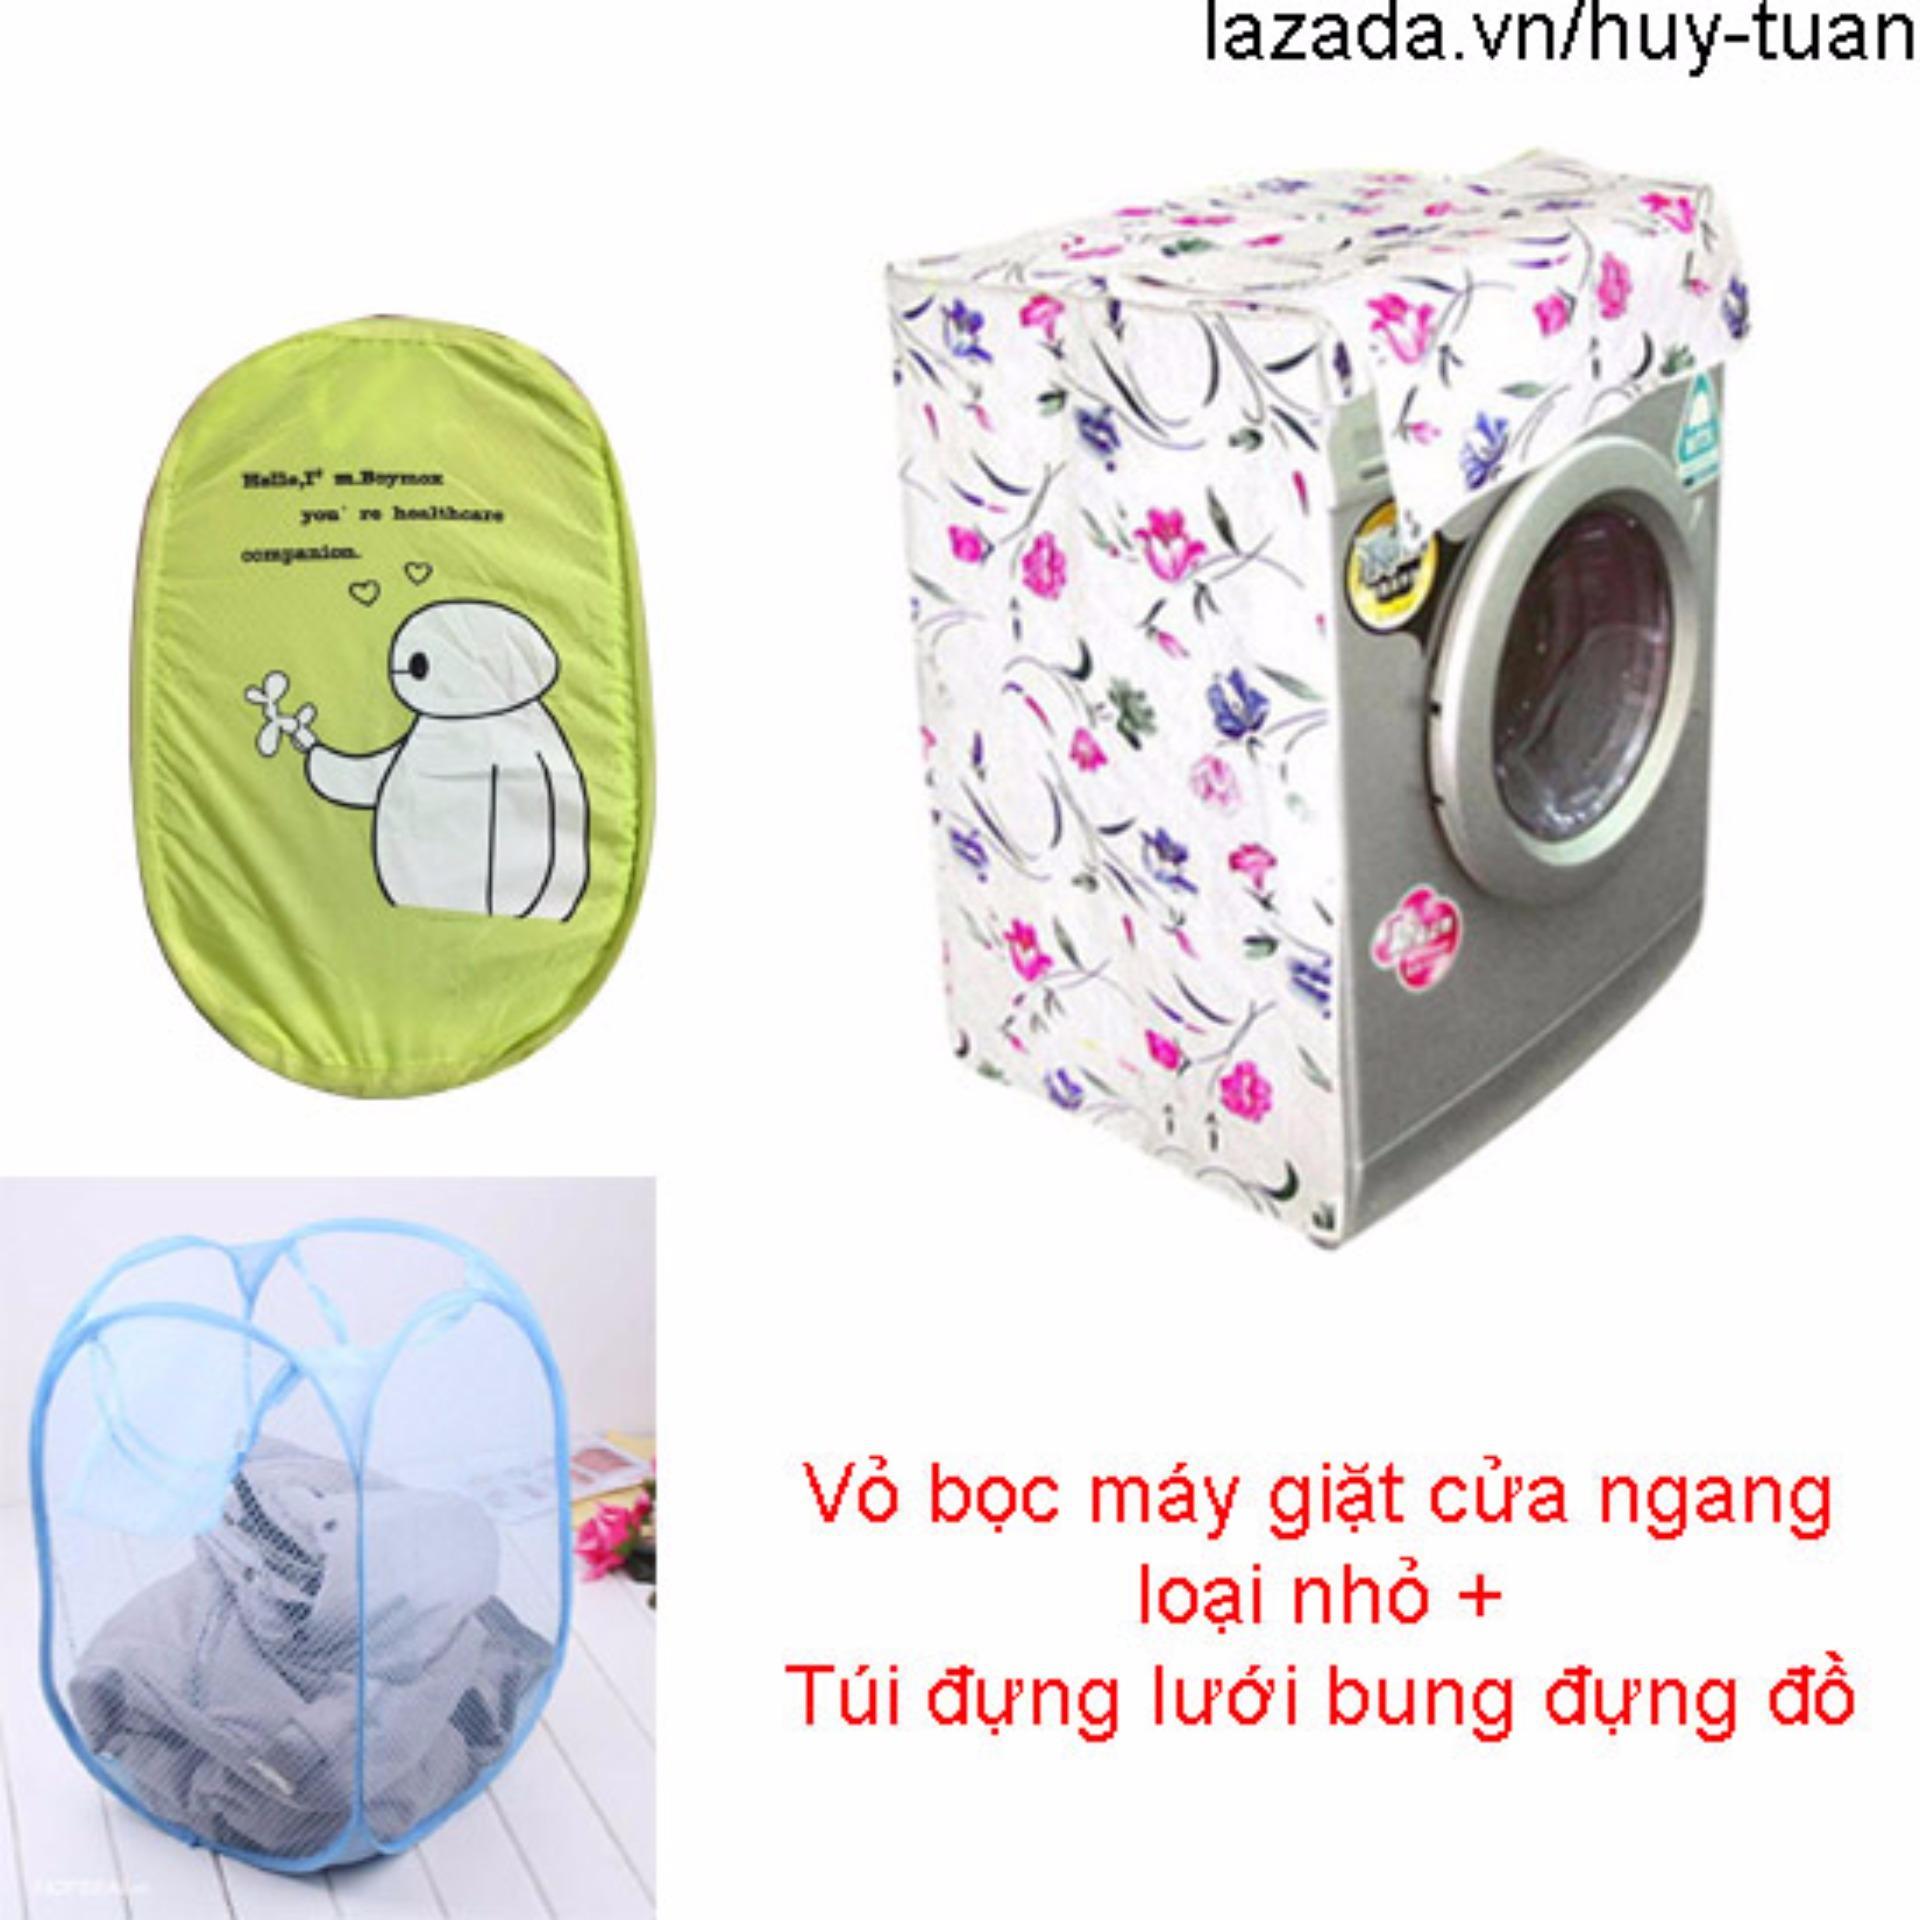 Vỏ bọc máy giặt cửa ngang cỡ nhỏ ( màu ngẫu nhiên ) + túi lưới bung ( Xanh lá )